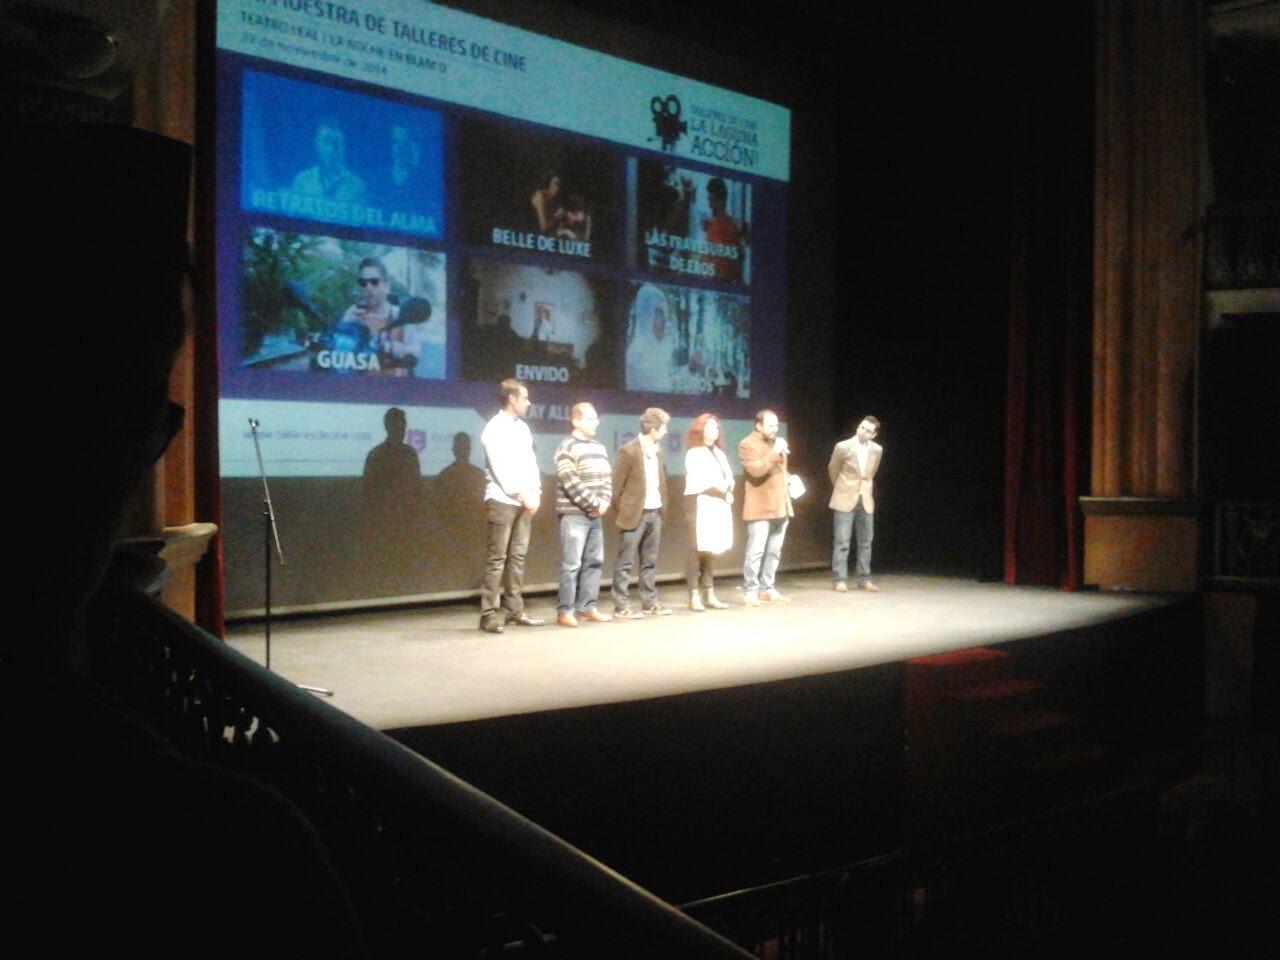 VII muestra de talleres de cine la laguna acción 2.014